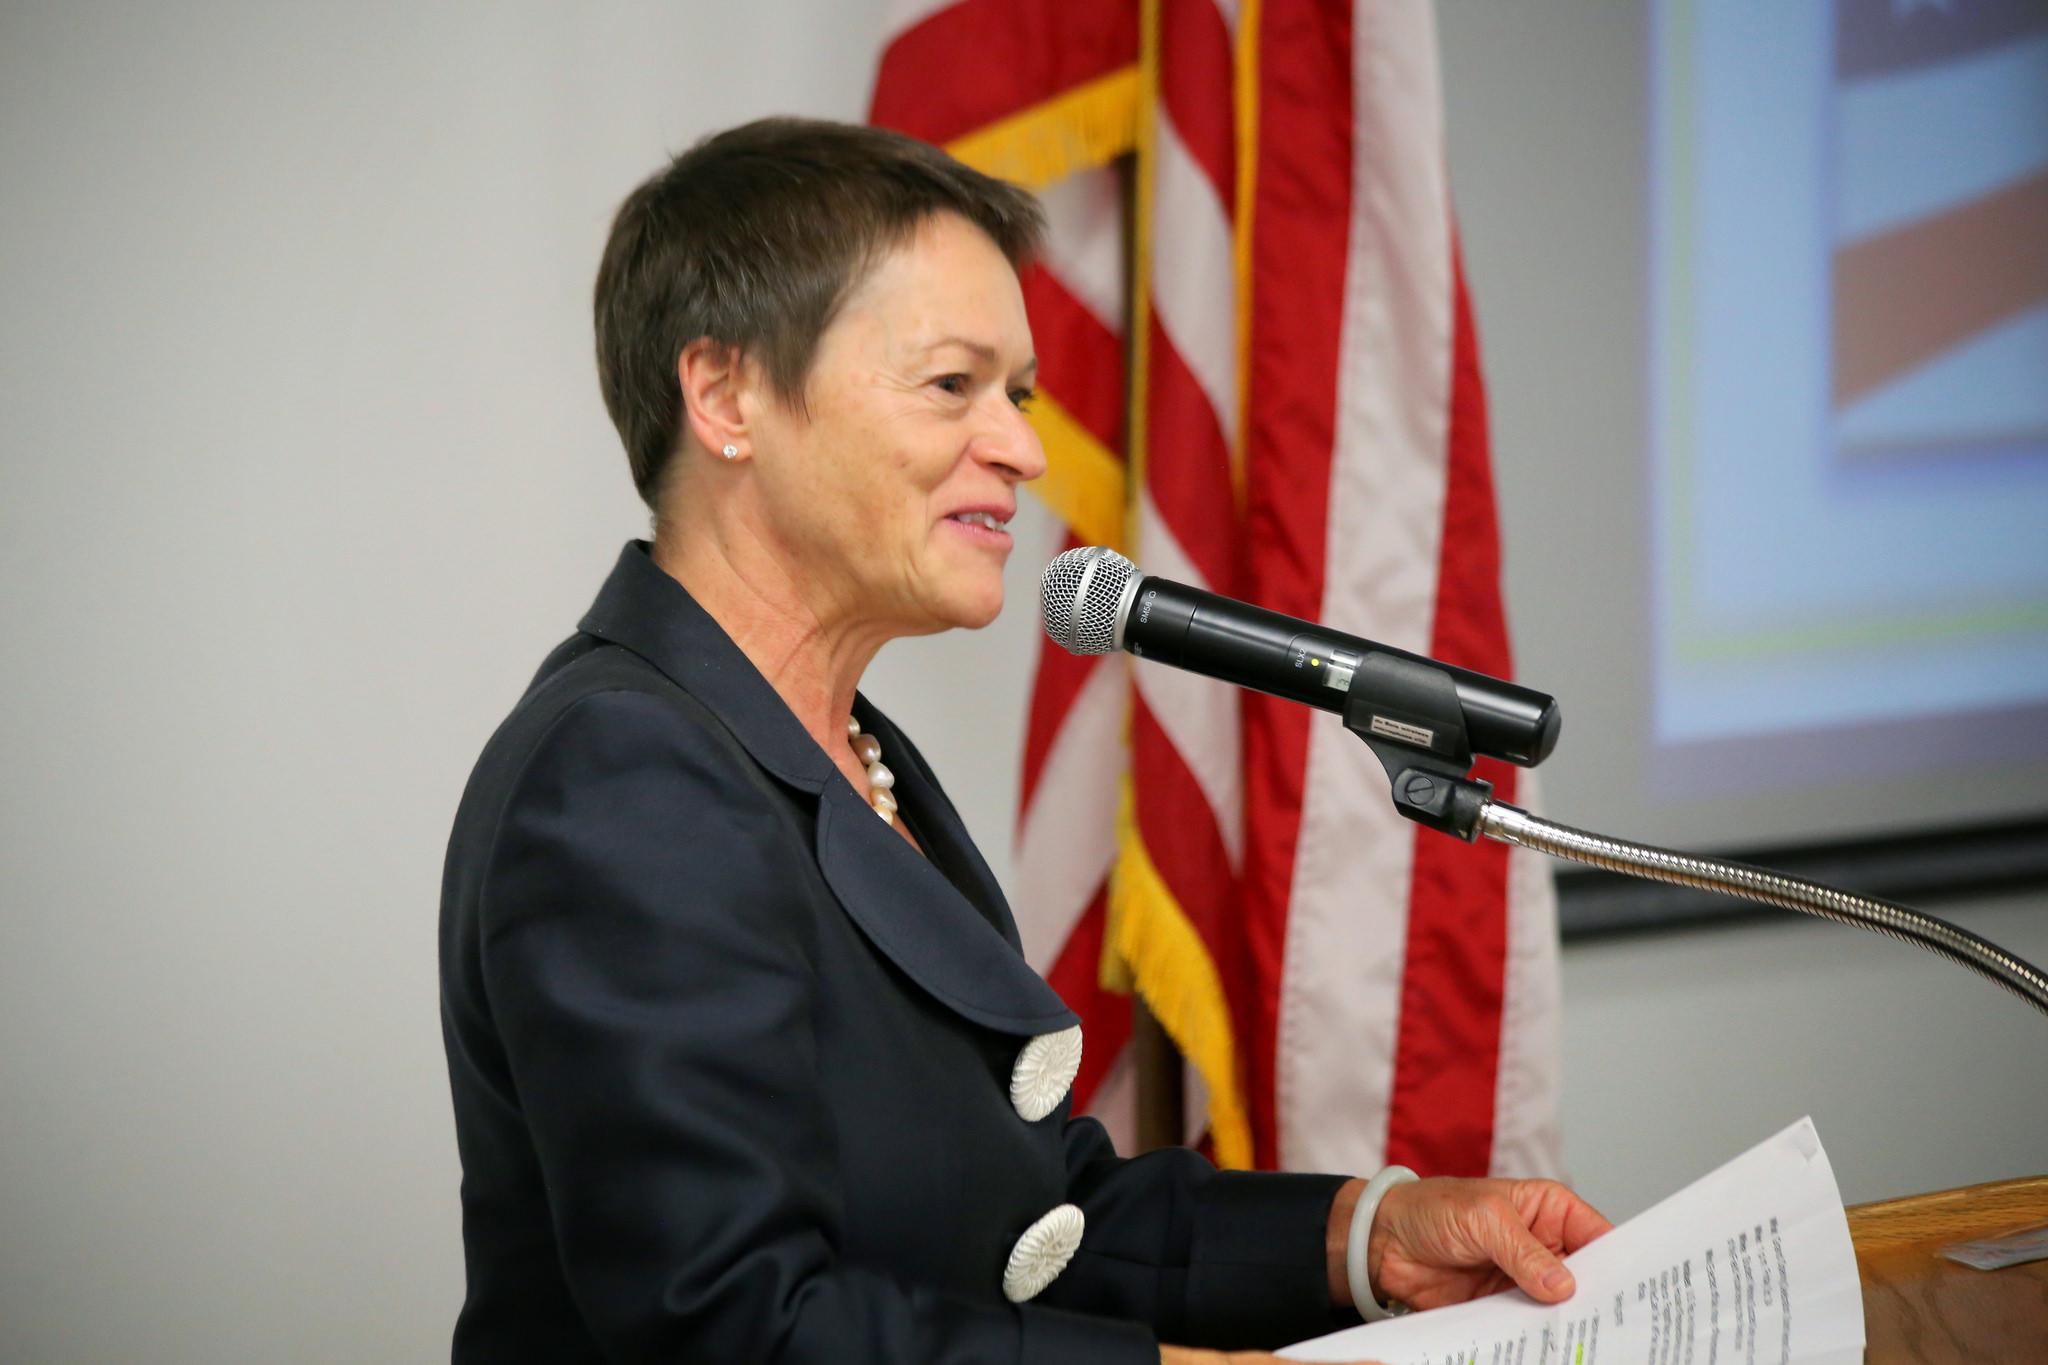 NAU President Rita Cheng speaks at the opening